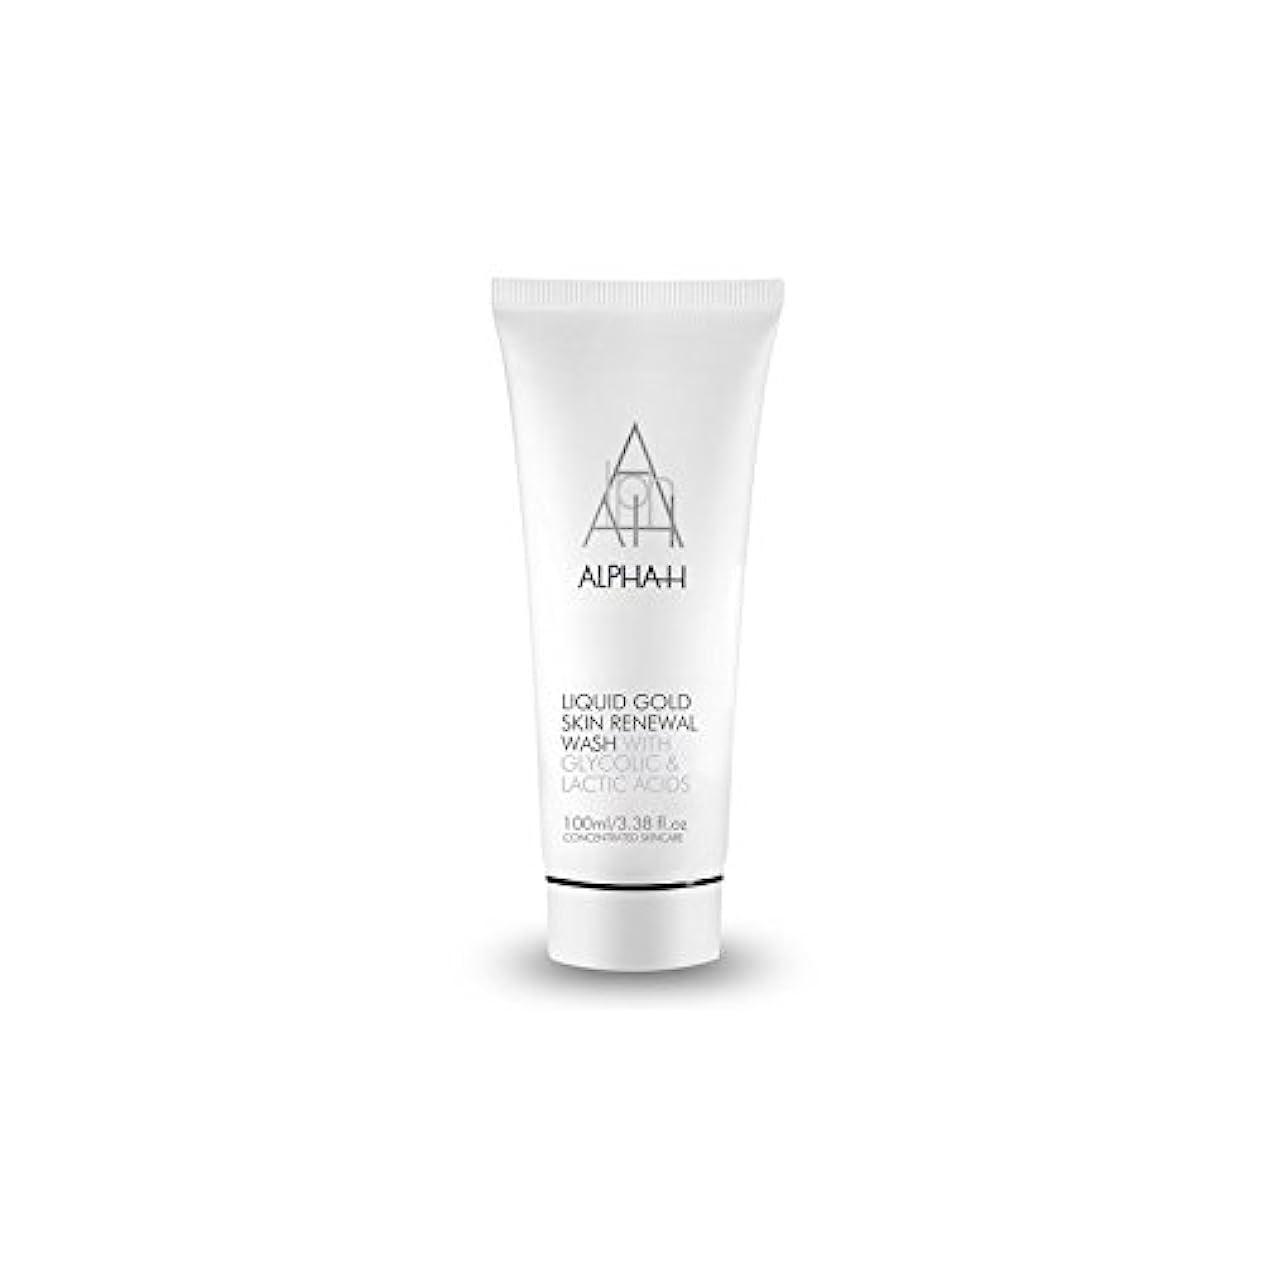 突破口まつげ事アルファのゴールドスキンリニューアルウォッシュ(100ミリリットル) x4 - Alpha H Gold Skin Renewal Wash (100ml) (Pack of 4) [並行輸入品]